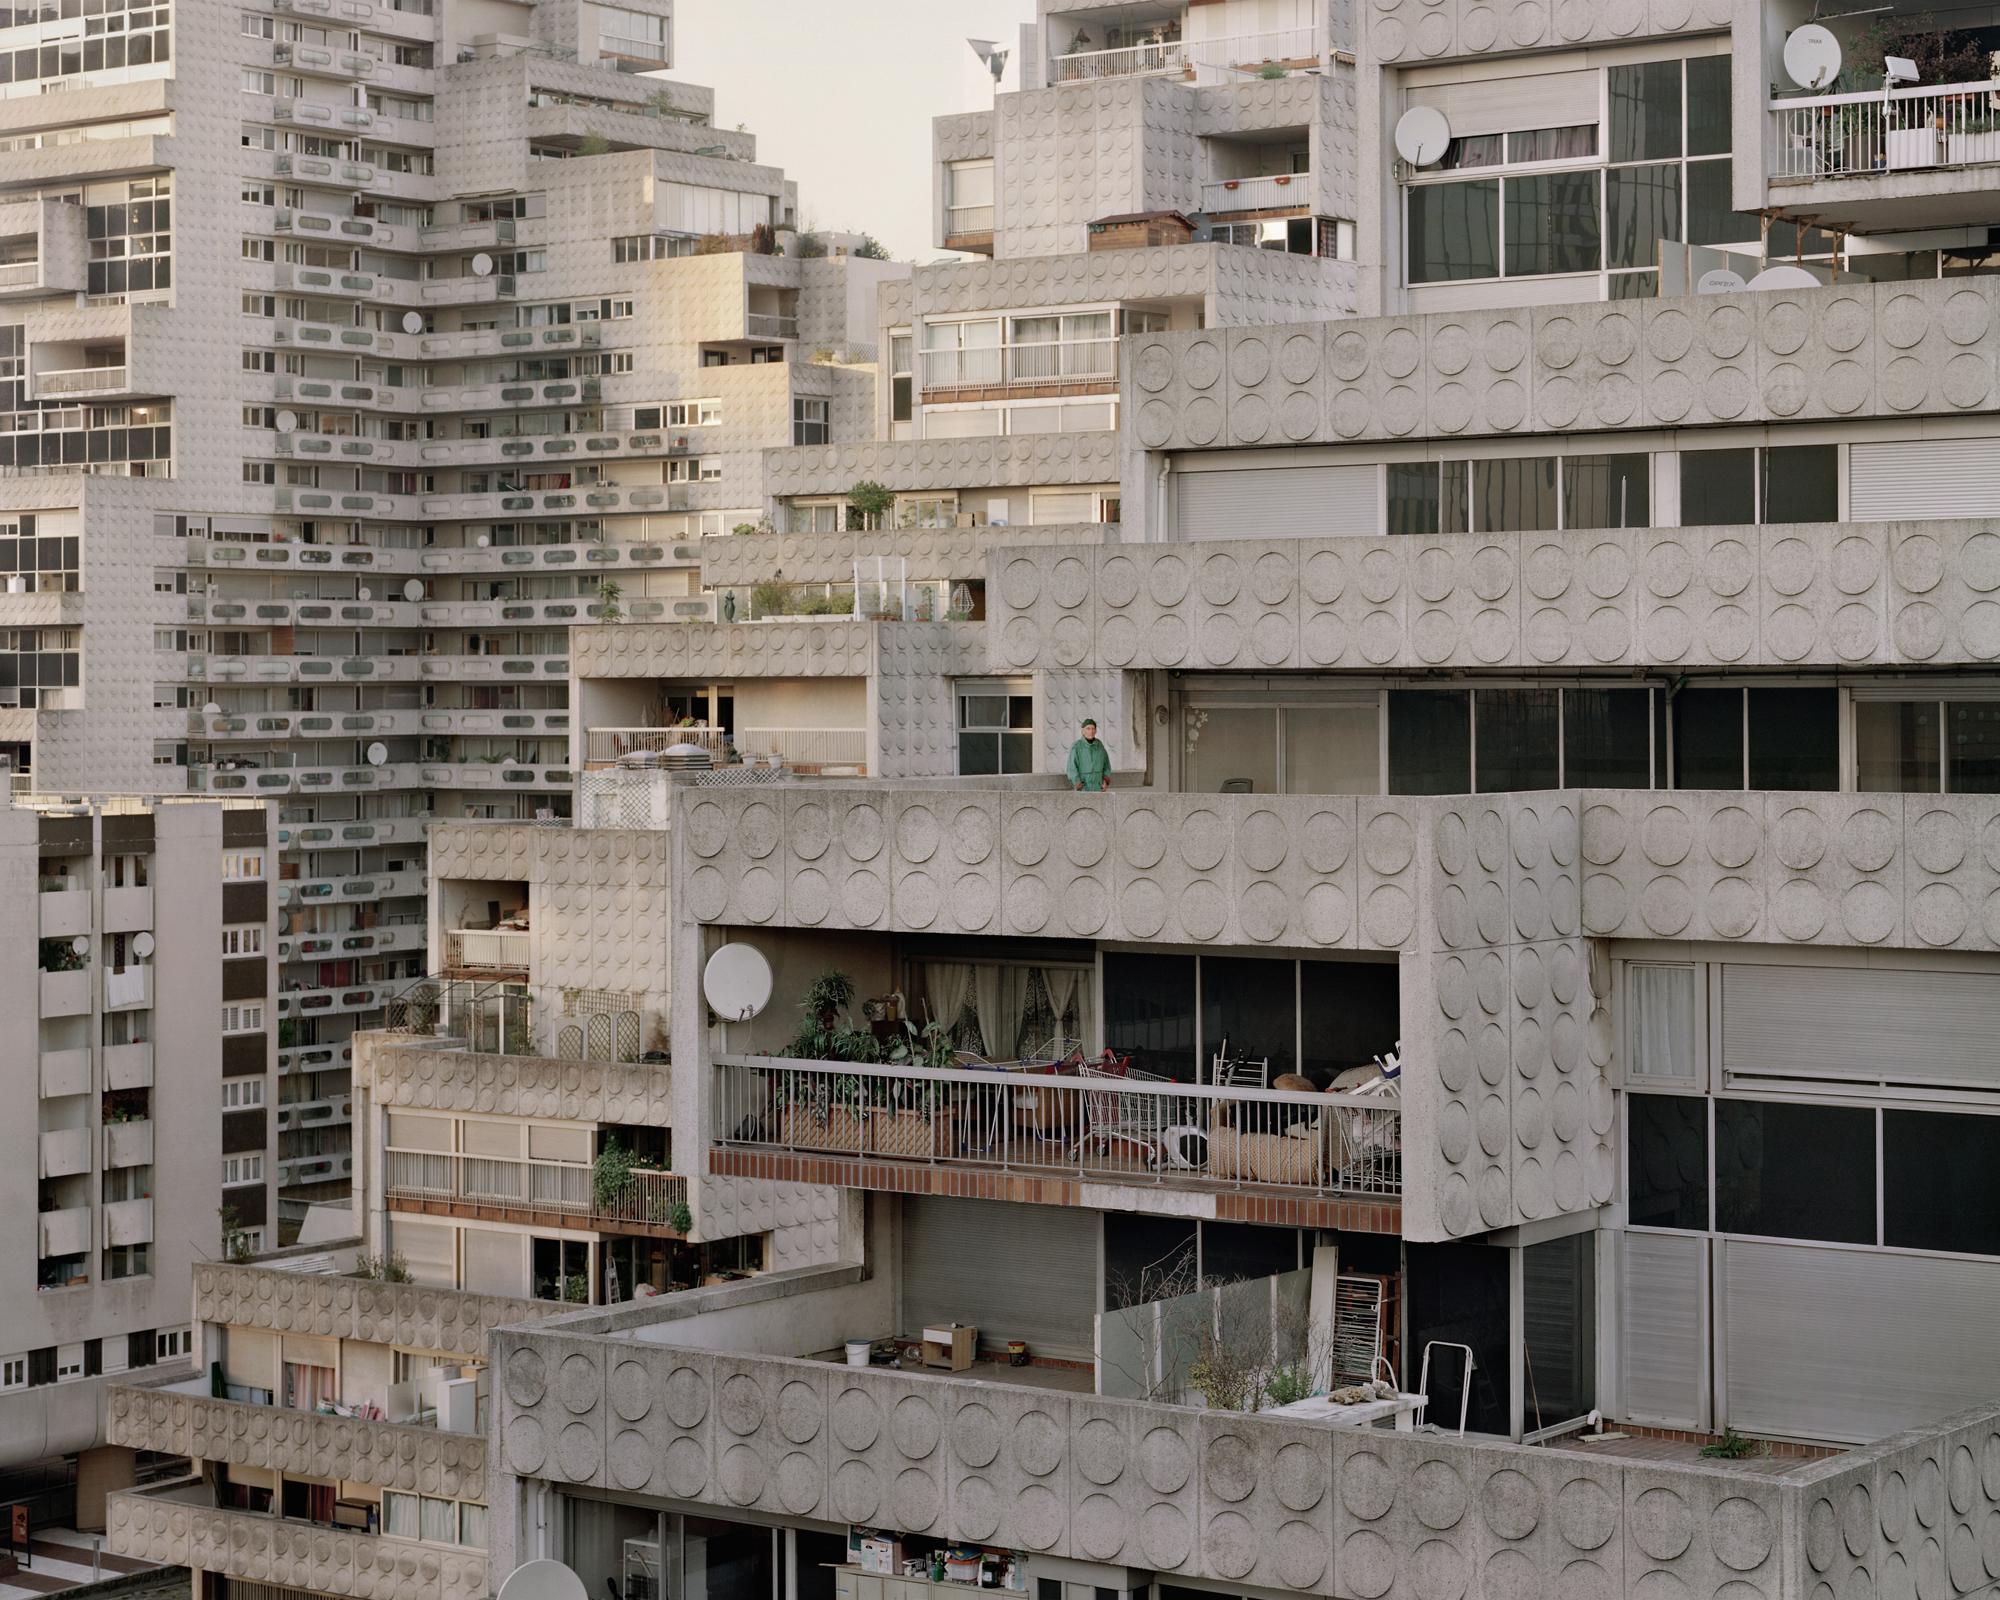 Galeria De O Sonho Ut 243 Pico De Ricardo Bofill Conjuntos P 243 S Modernos Em Noisy Le Grand 14